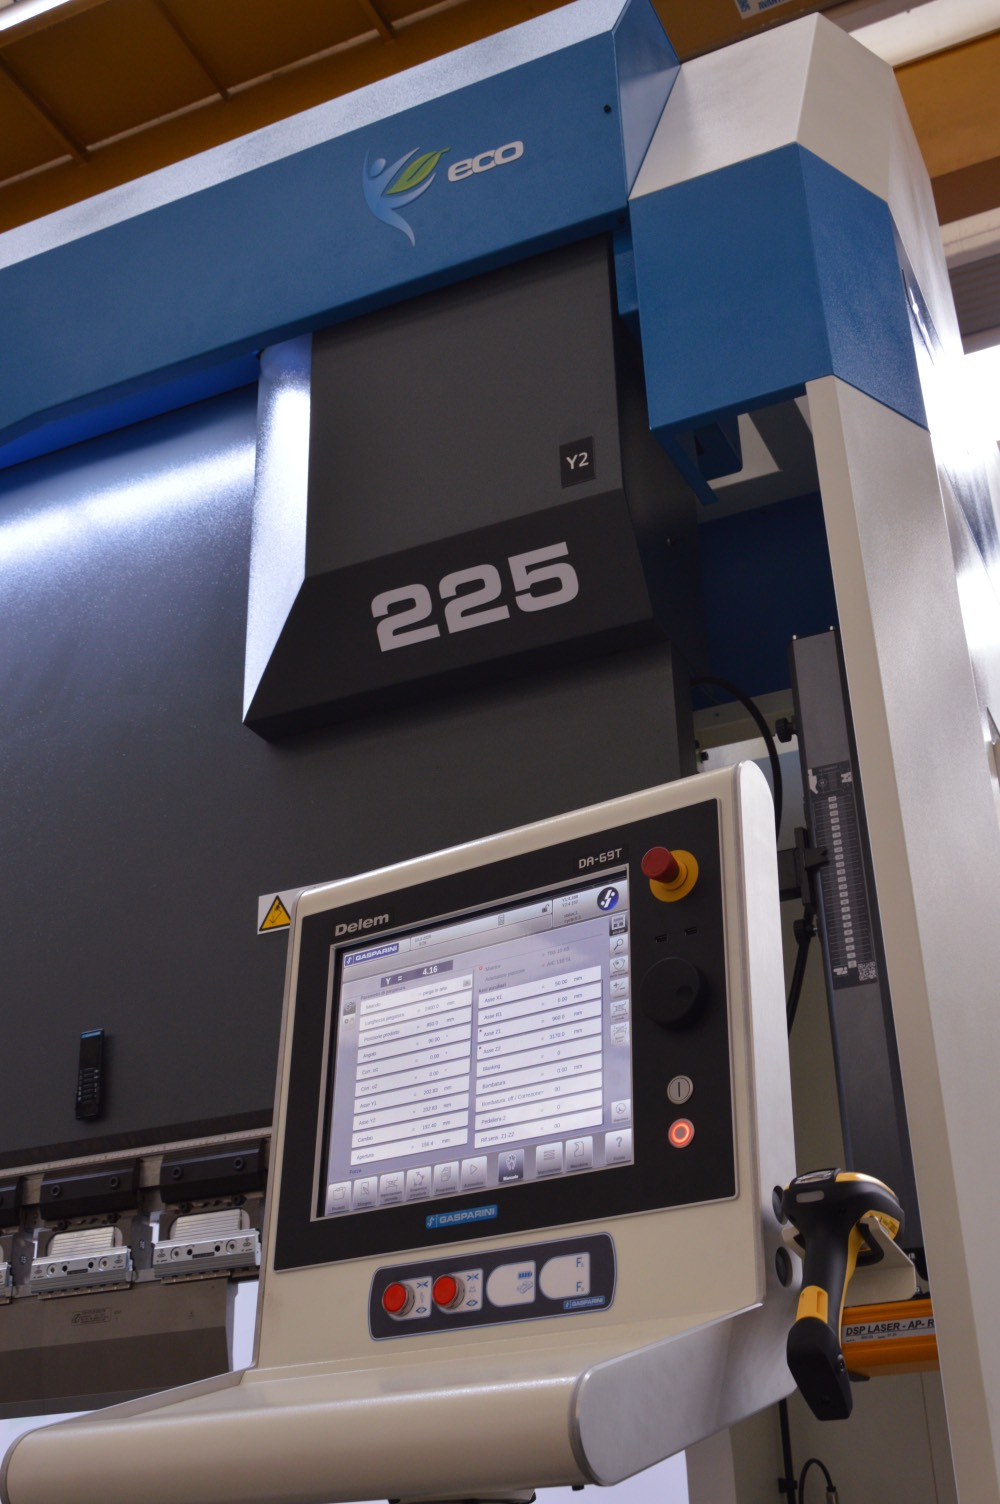 delem press brake cnc barcode reader